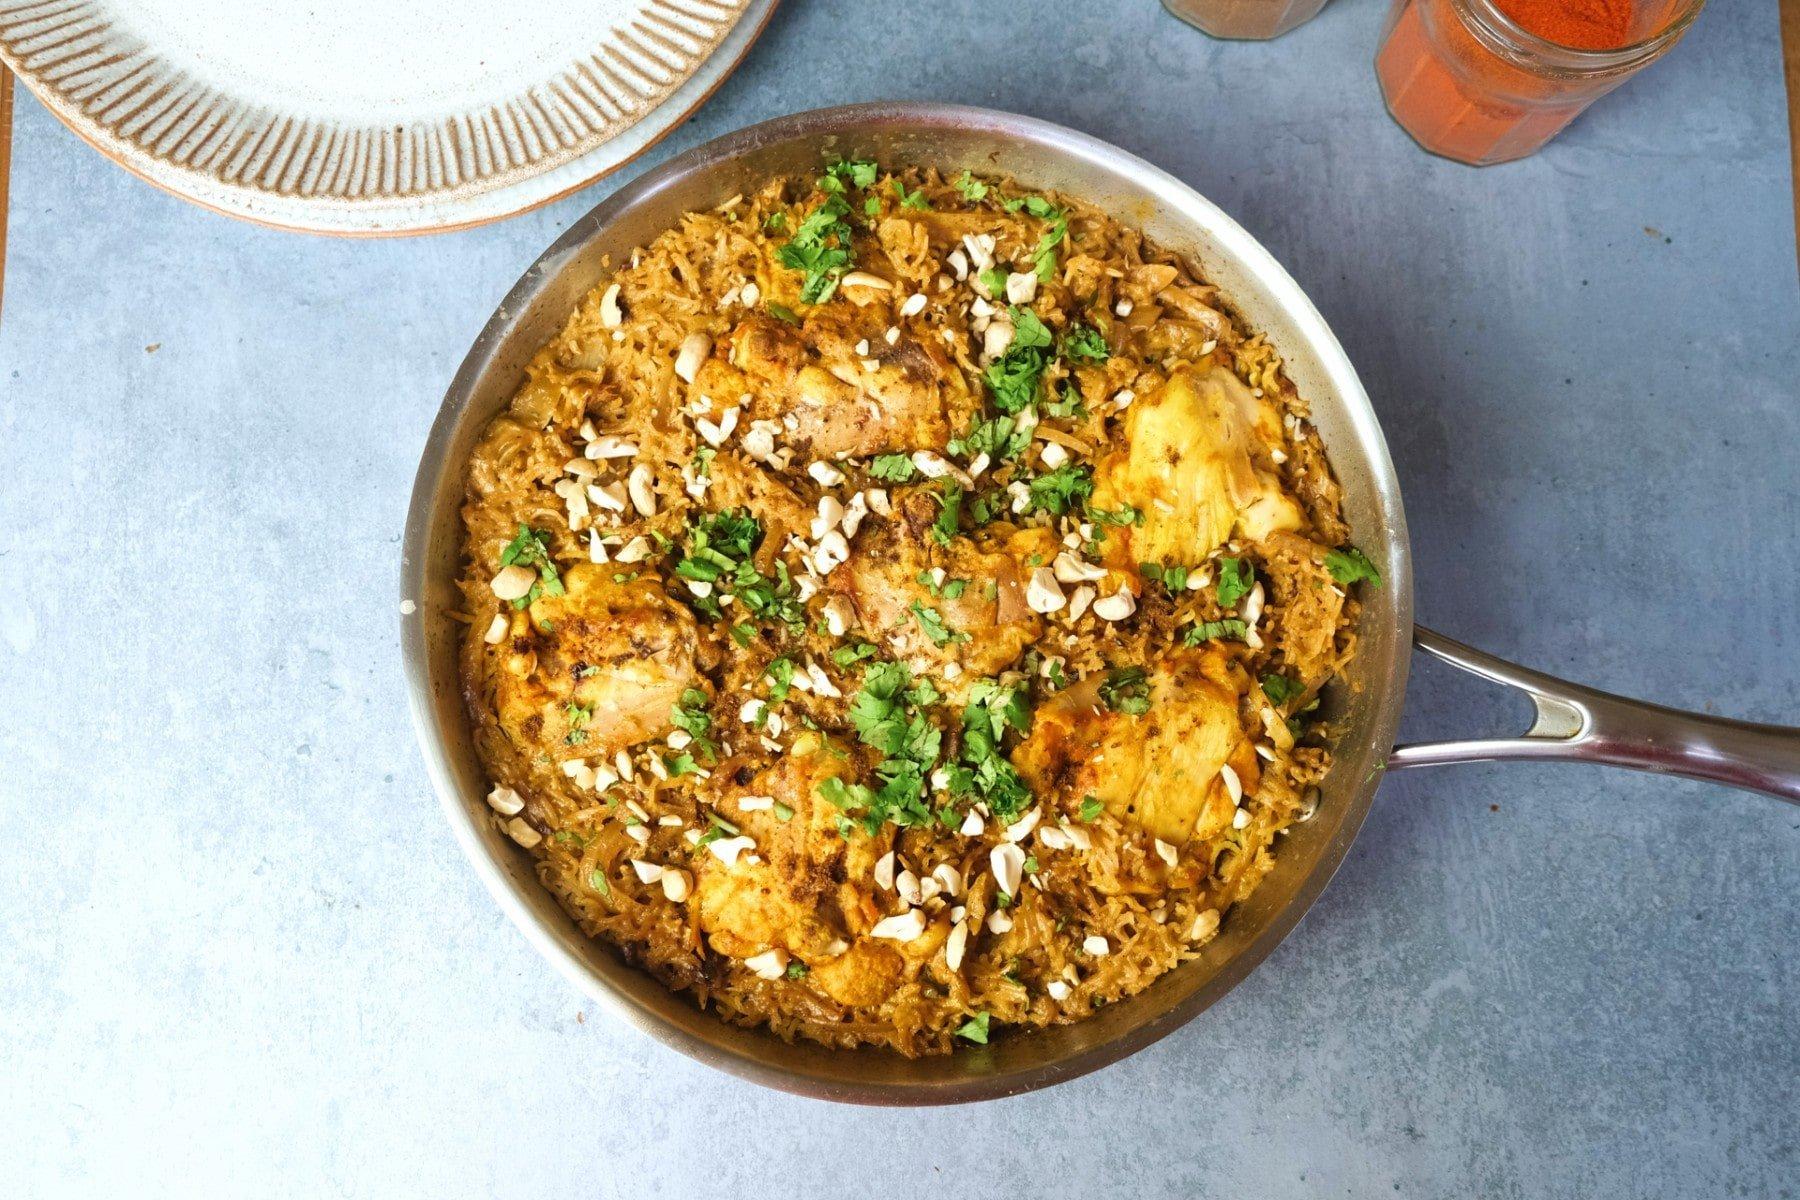 Kokosové kura sryžou vlahodnej omáčke   Tip na zdravý recept